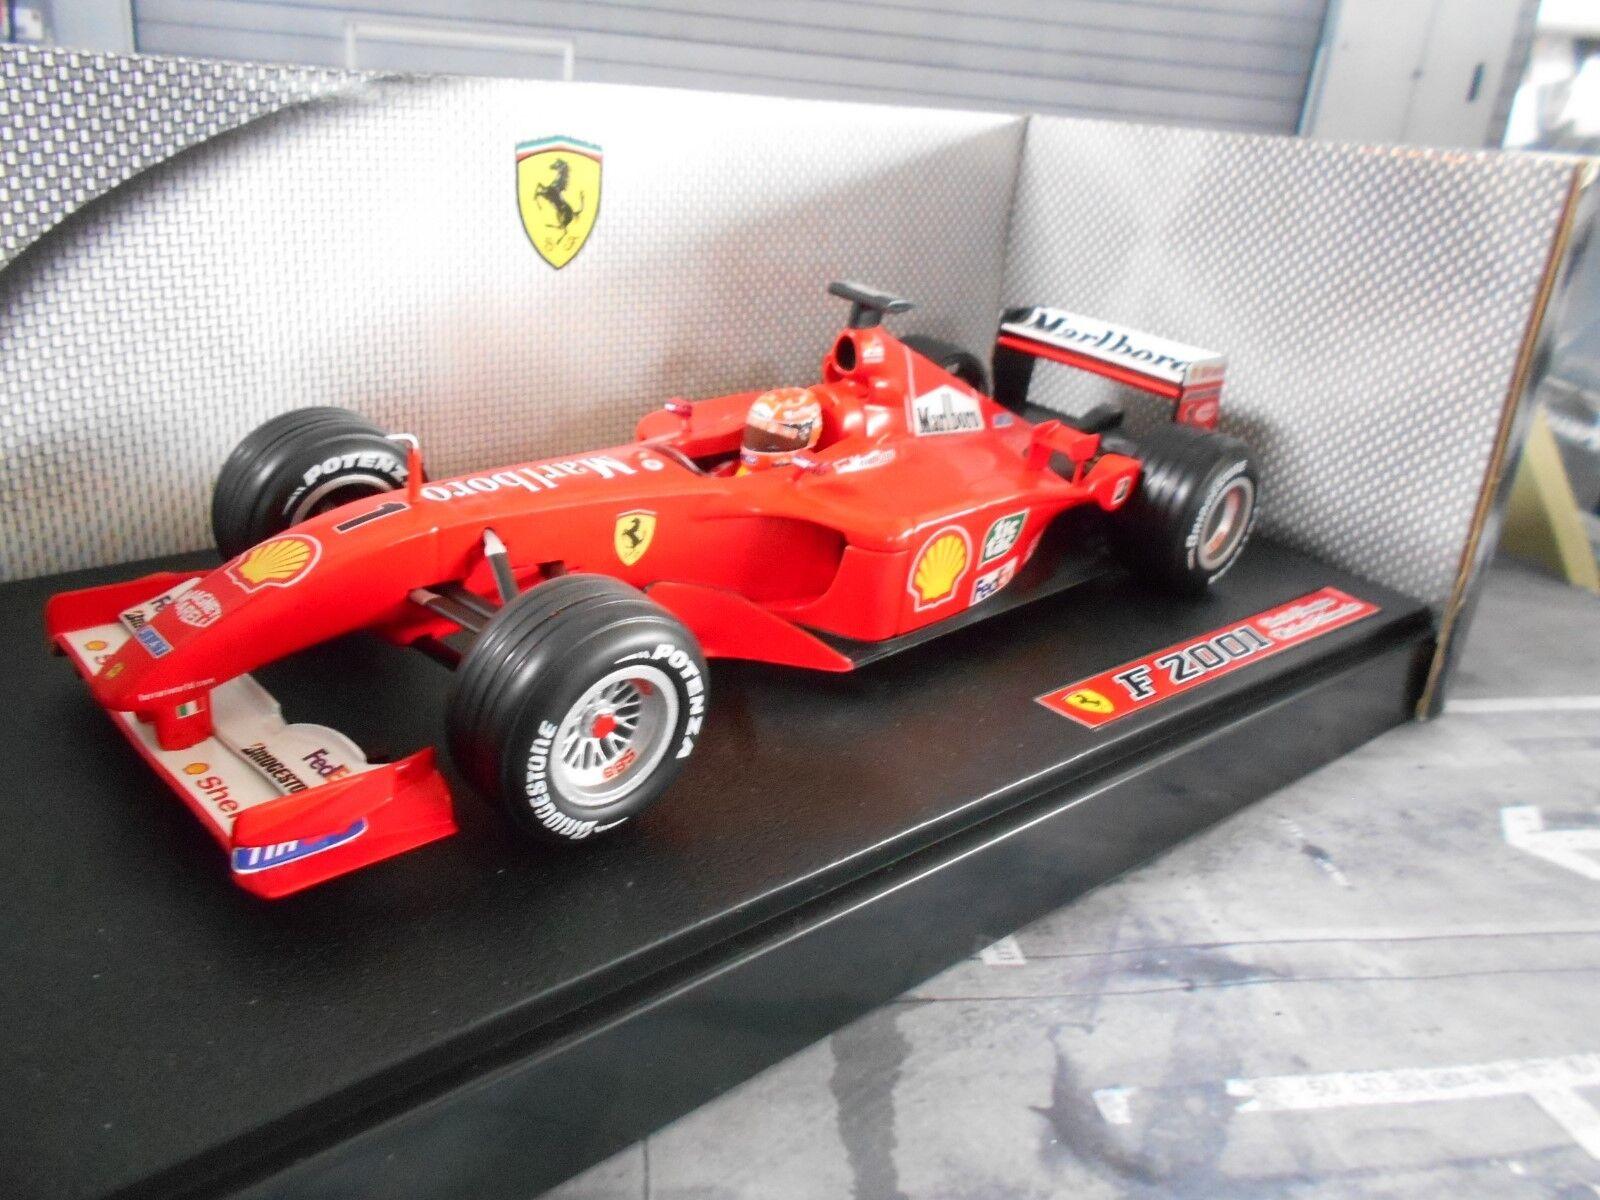 F1 Michael Wheels Saison Schumacher Ferrari F2001 1 Hot drCxshtBQ